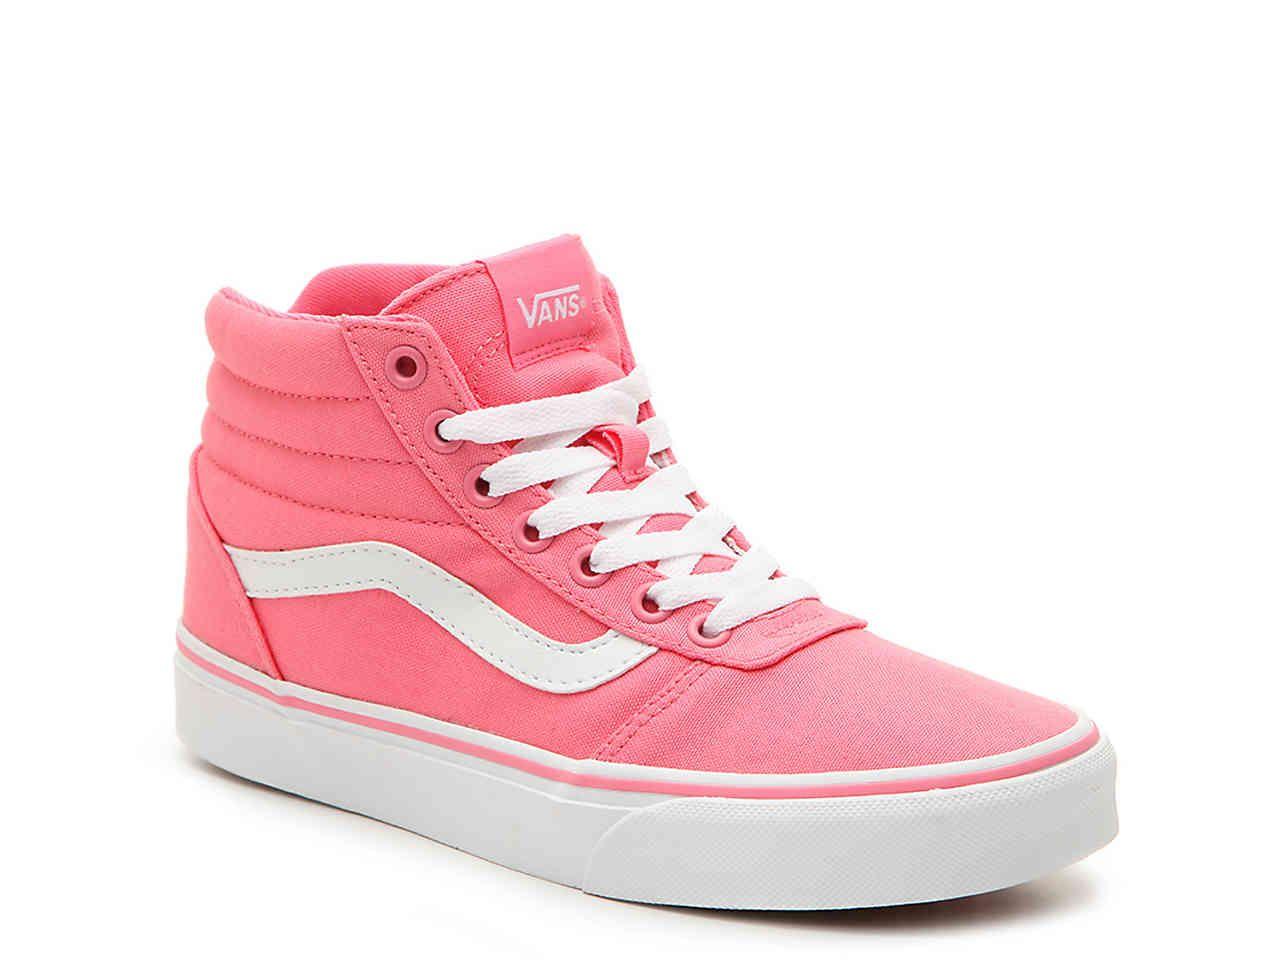 Vans Ward High-Top Sneaker - Women's